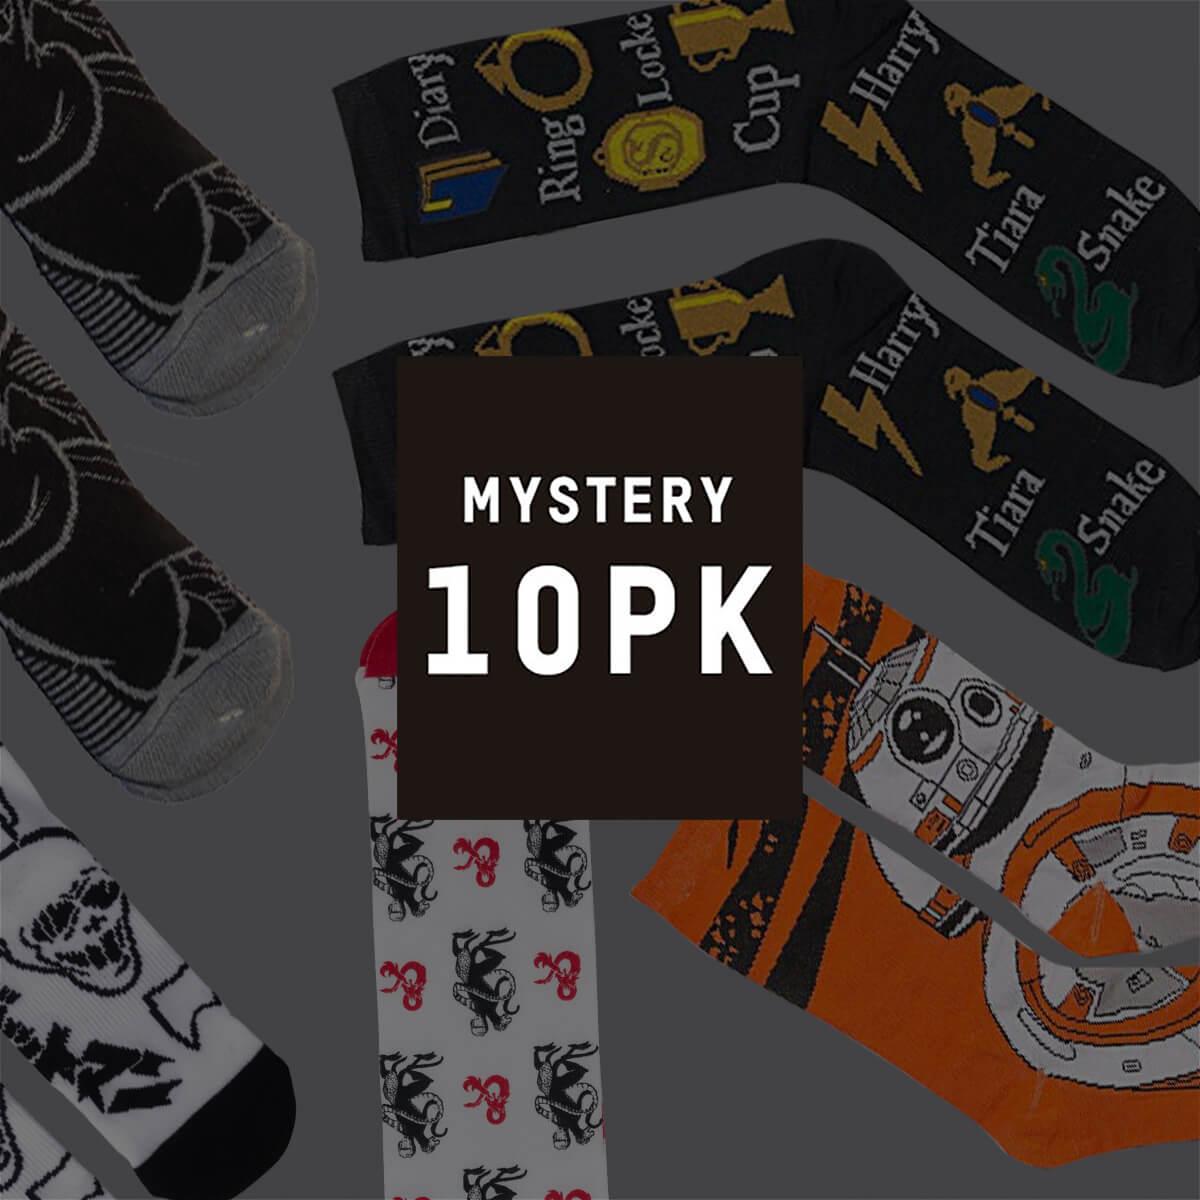 Pack-10-pares-de-calcetines-frikis-misteriosos.jpg